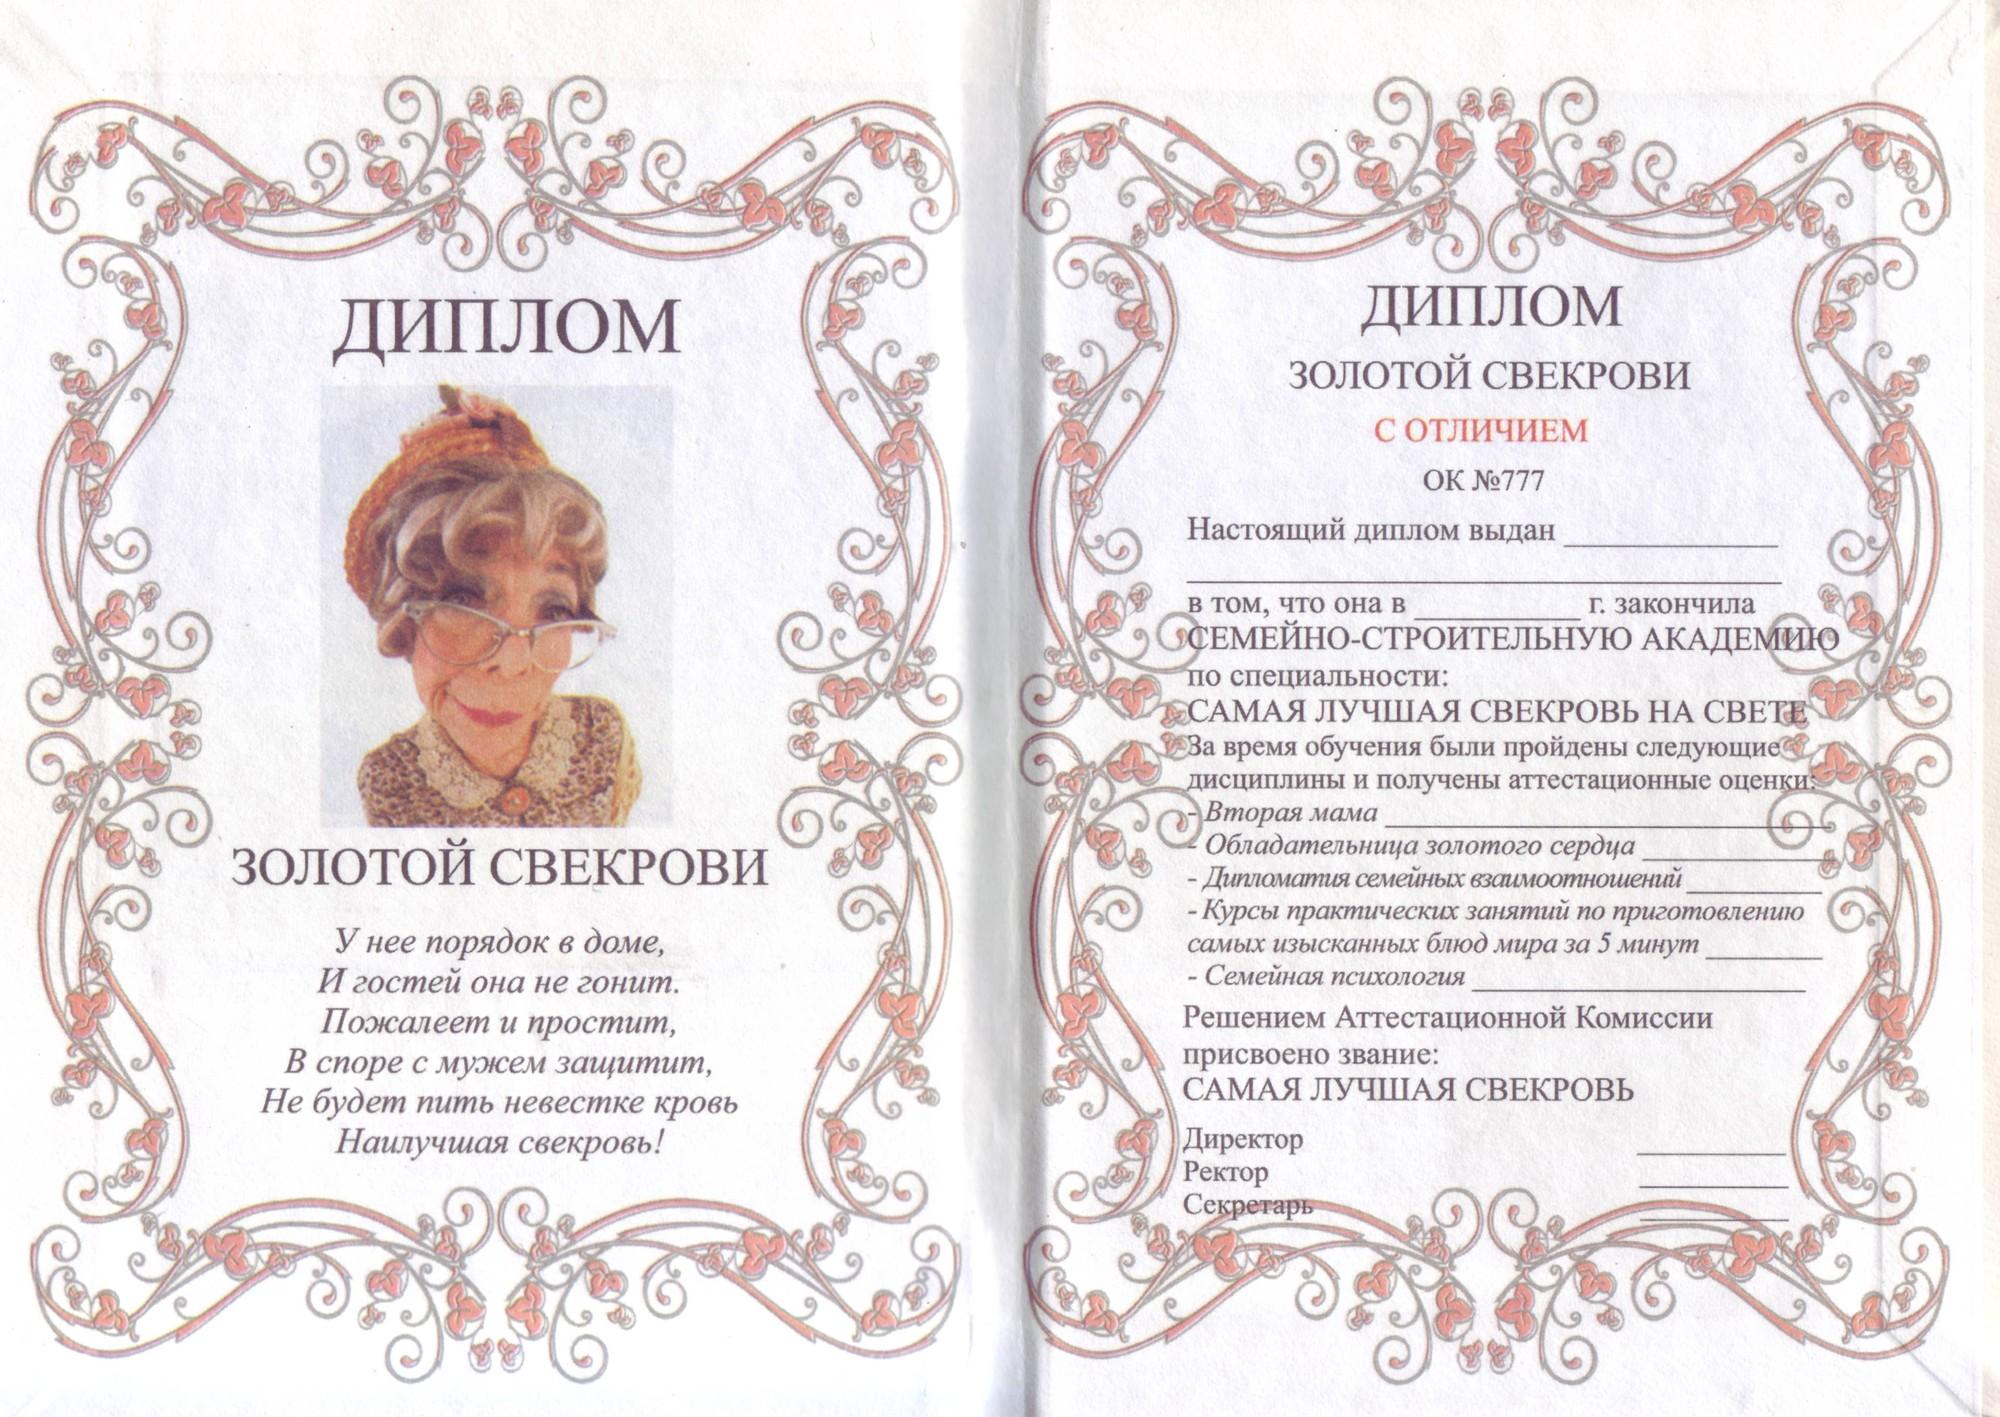 Печать шуточных грамот и дипломов для свадьбы в Москве   фото 1